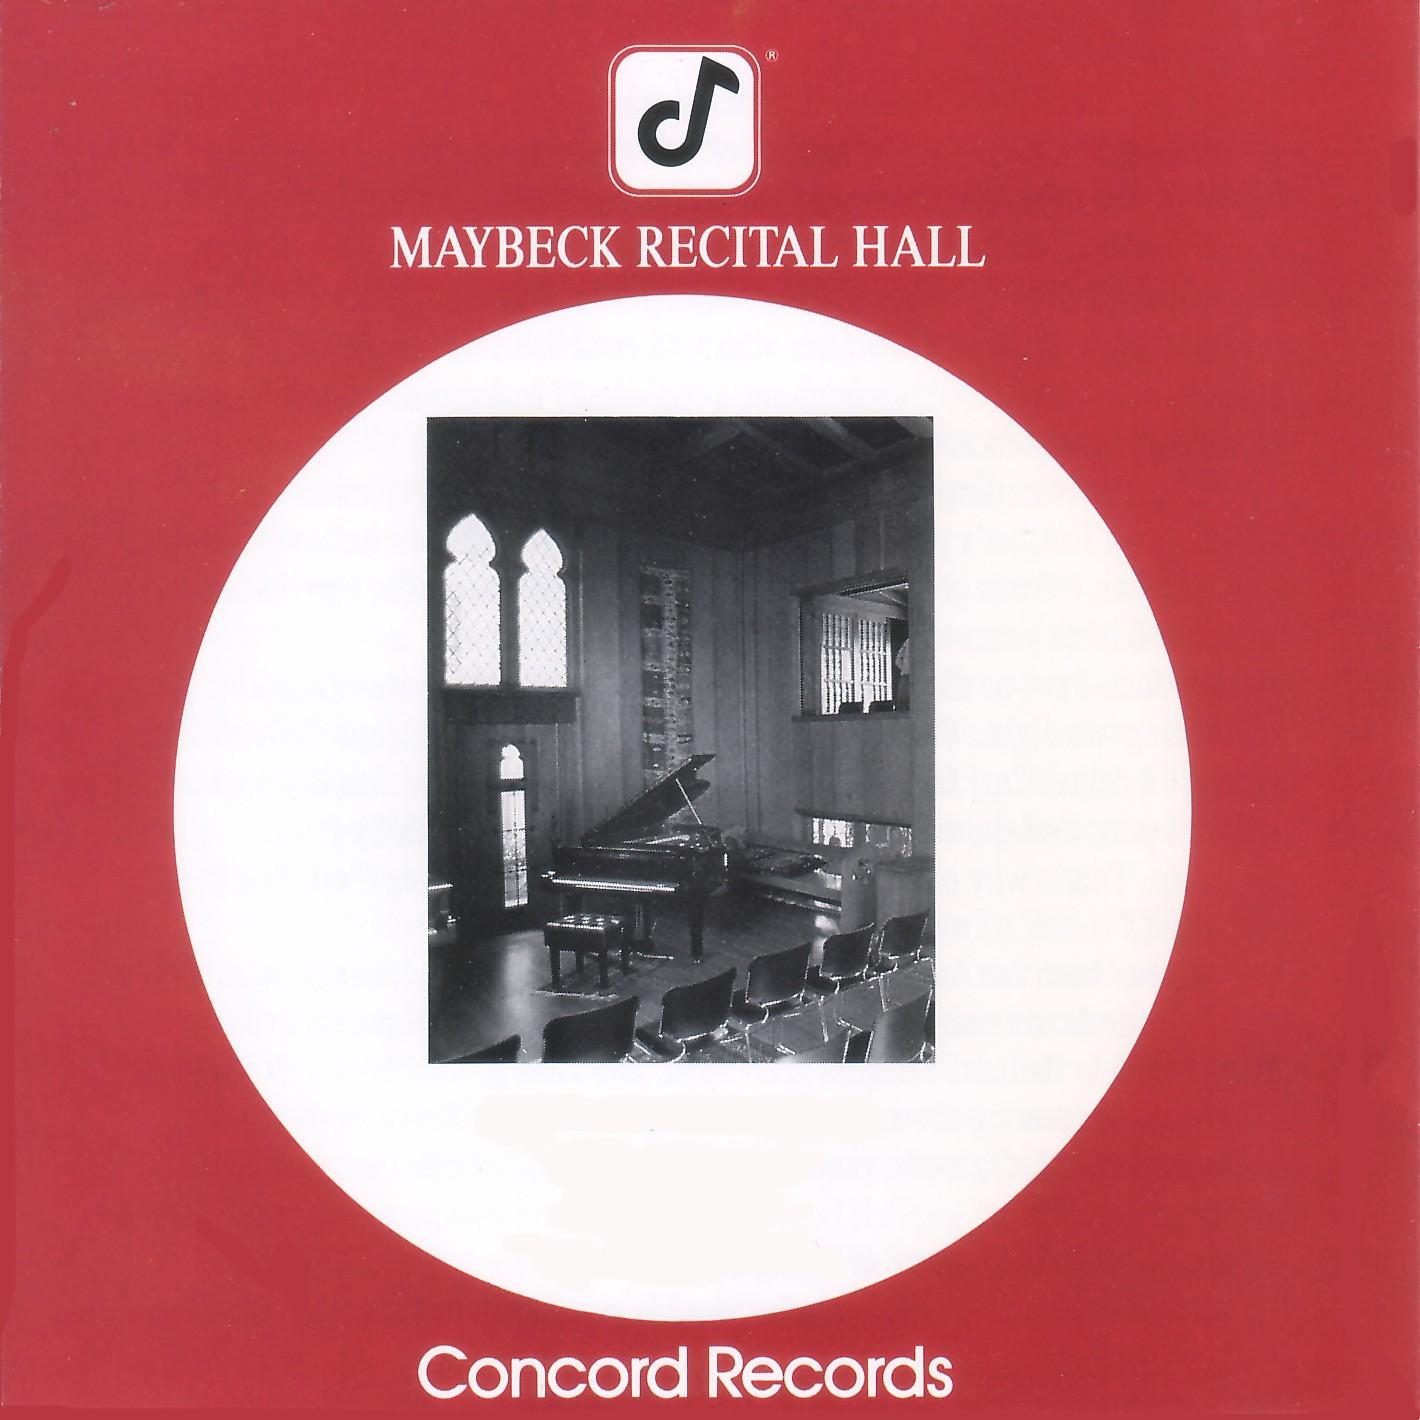 [Maybeck+Recital+Hall+]